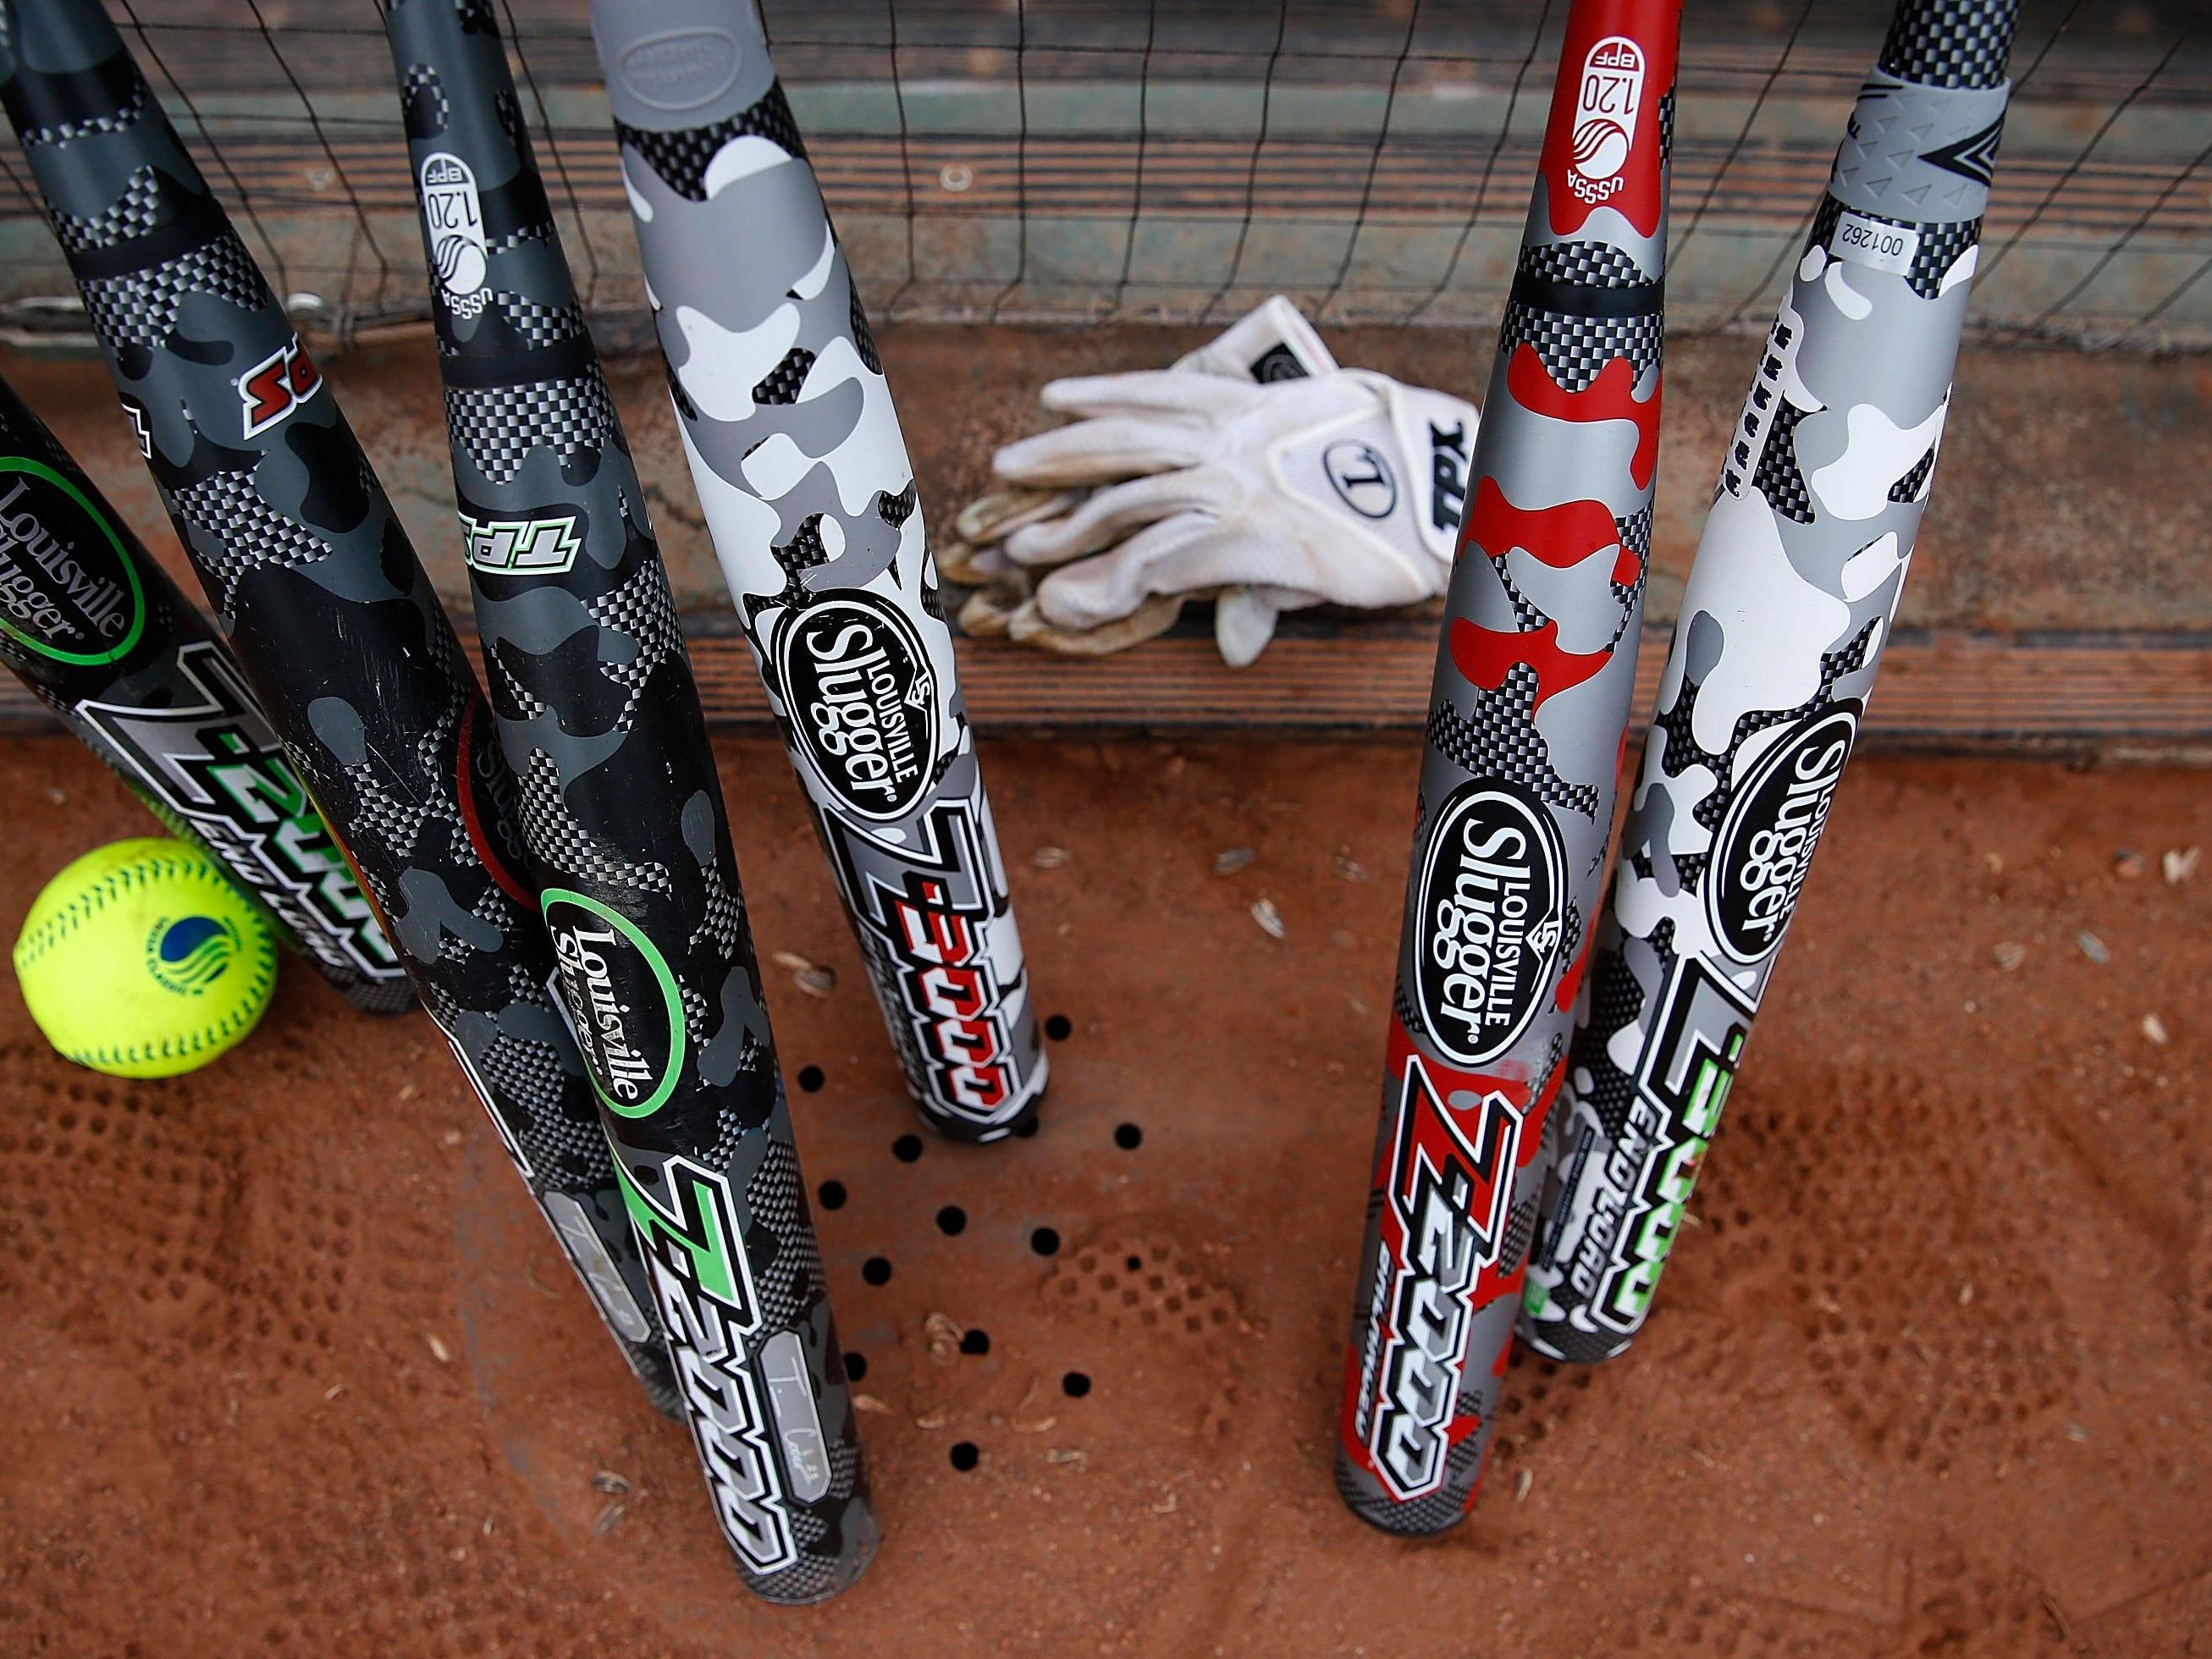 Baseball, softball still in full swing.